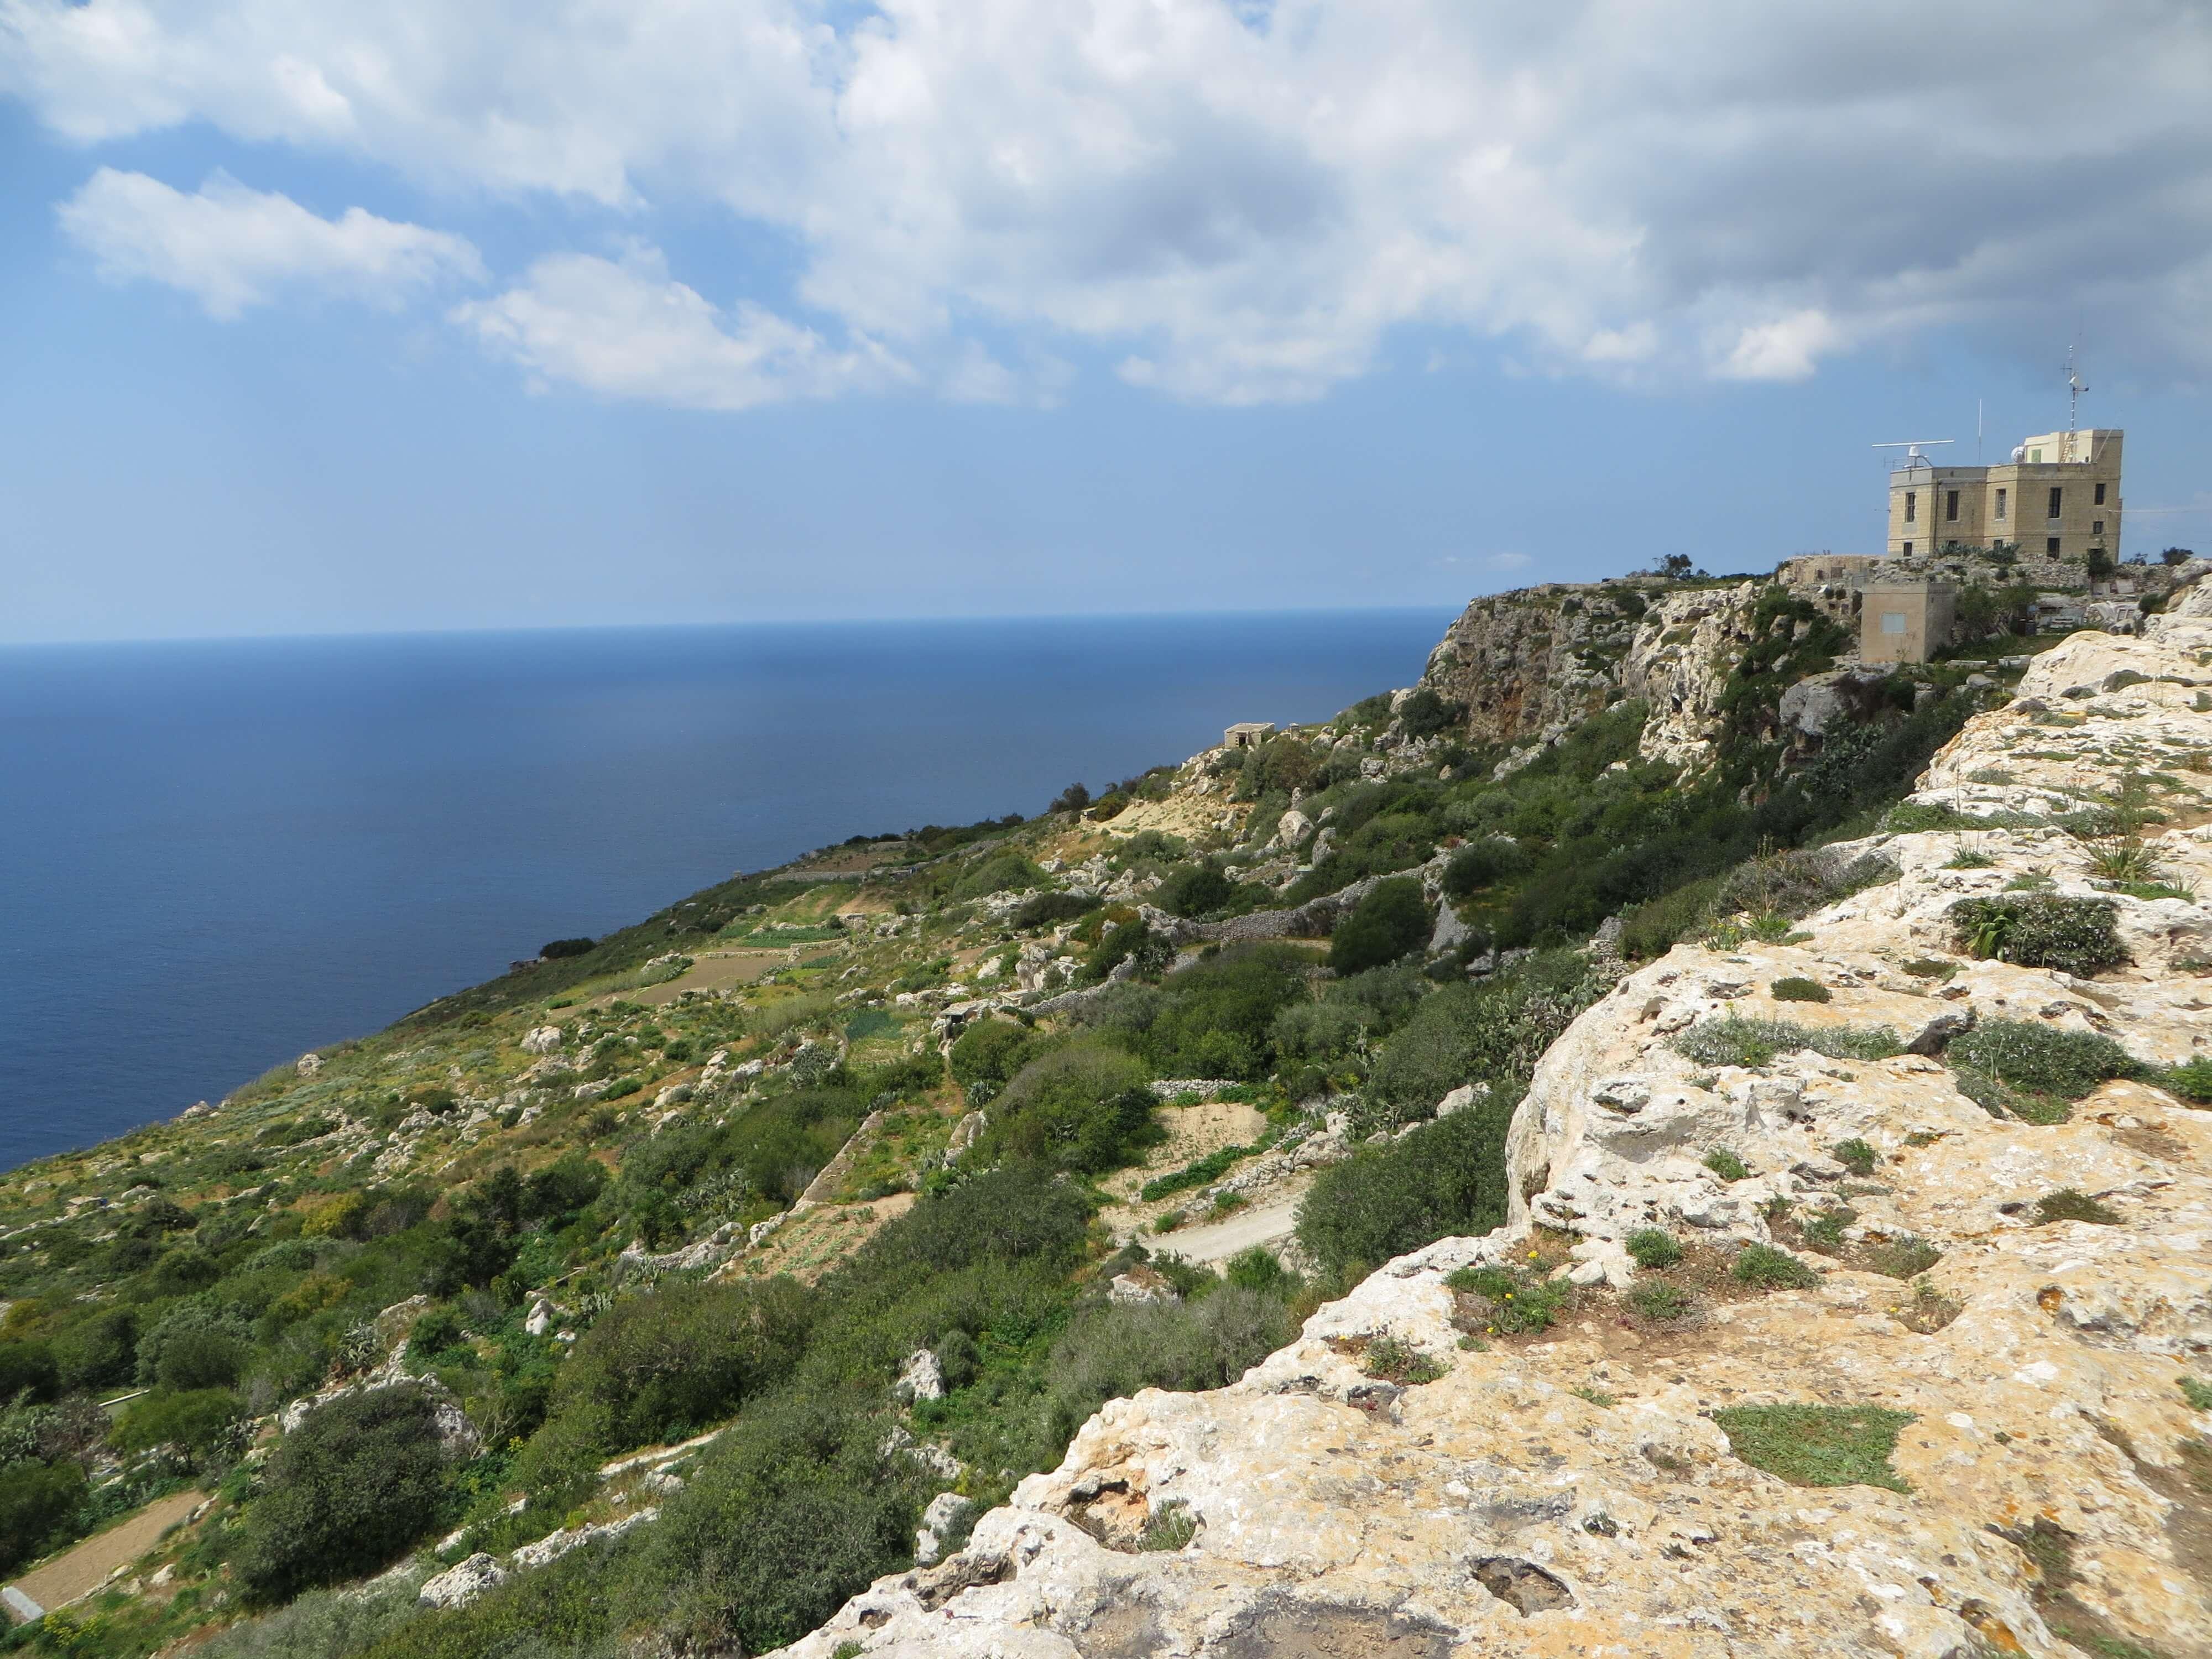 Situées à 253 m au dessus du niveau de la mer, les falaises de Dingli sont les points culminants de Malte. À inscrire sur un itinéraire de randonnée à Malte.